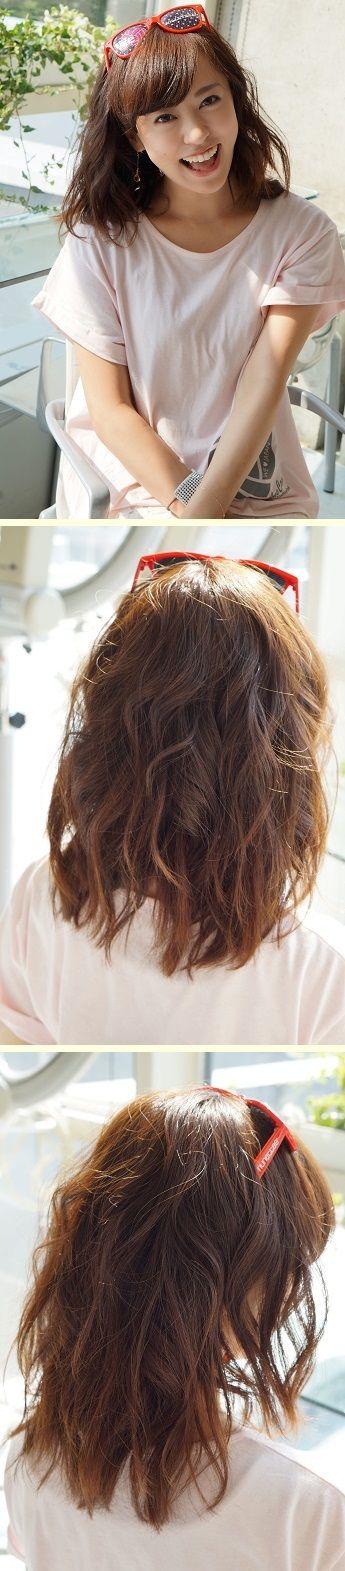 短くってもアレンジ可能な「ボリューム巻き巻き」ヘア。 かわいすぎる「スポーツ観戦ヘア」アレンジ実例7つ フェスやライブなどアクティブな日におすすめ☆ #髪型 #ヘアスタイル #ヘアアレンジ #hairstyle